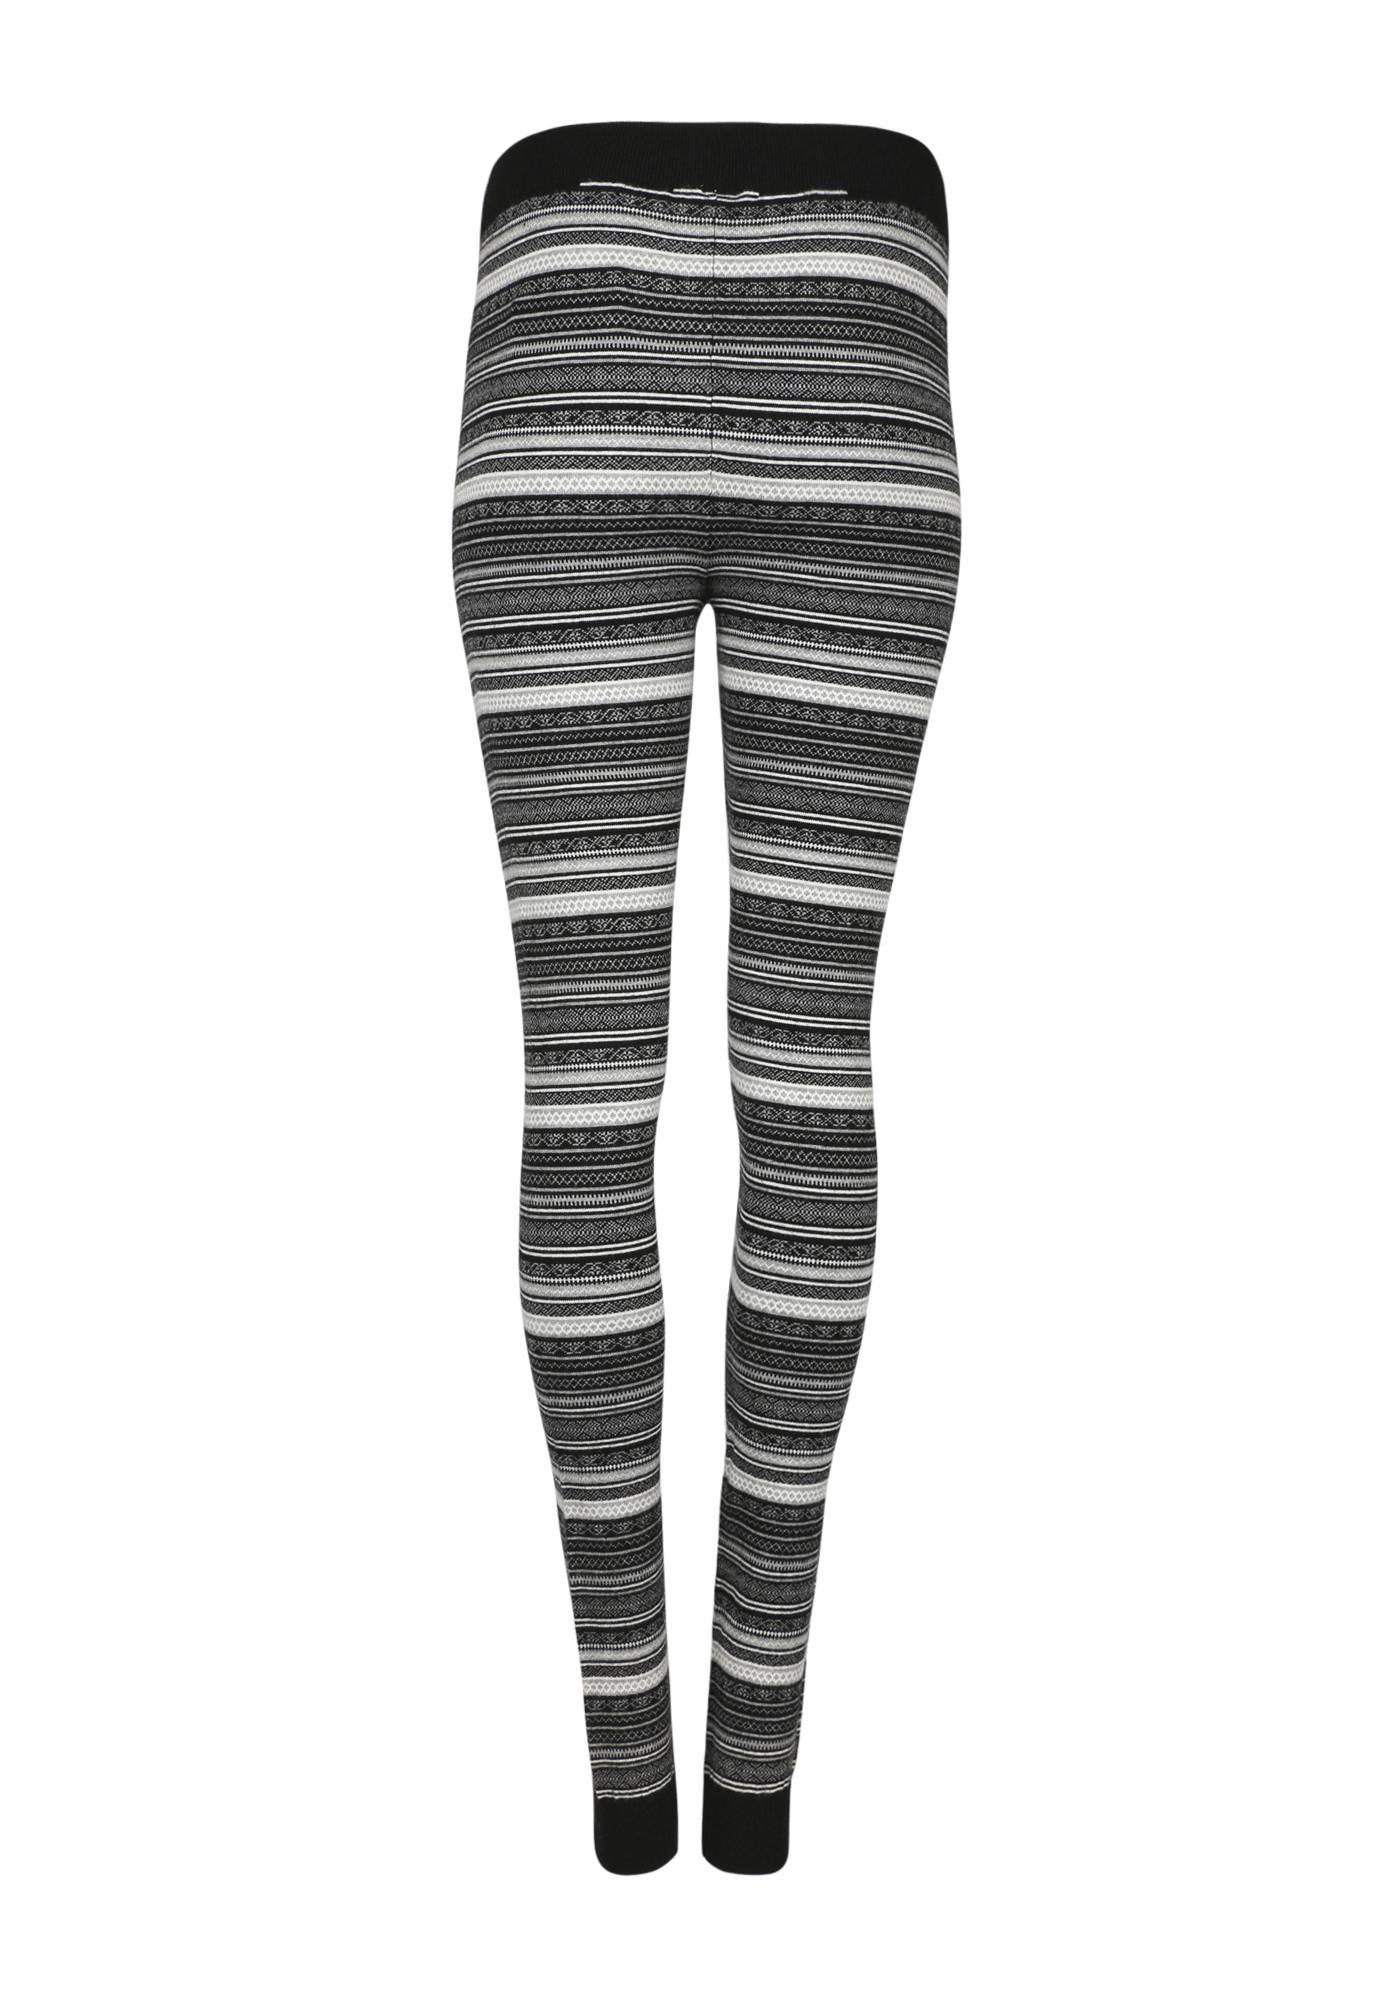 Women's Fair Isle Sweater Legging   Warehouse One